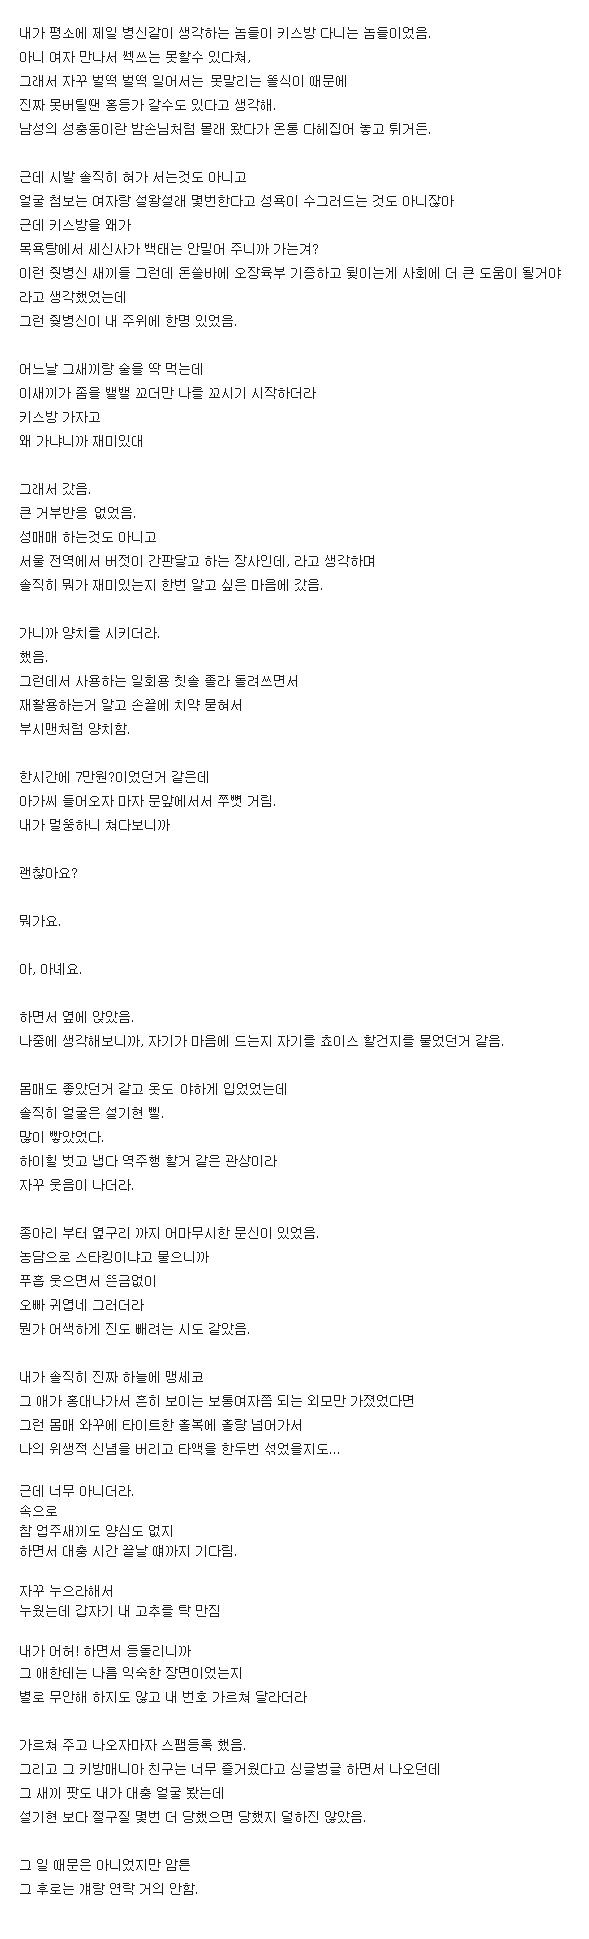 [유머] 주갤럼의 키스방 후기 -  와이드섬